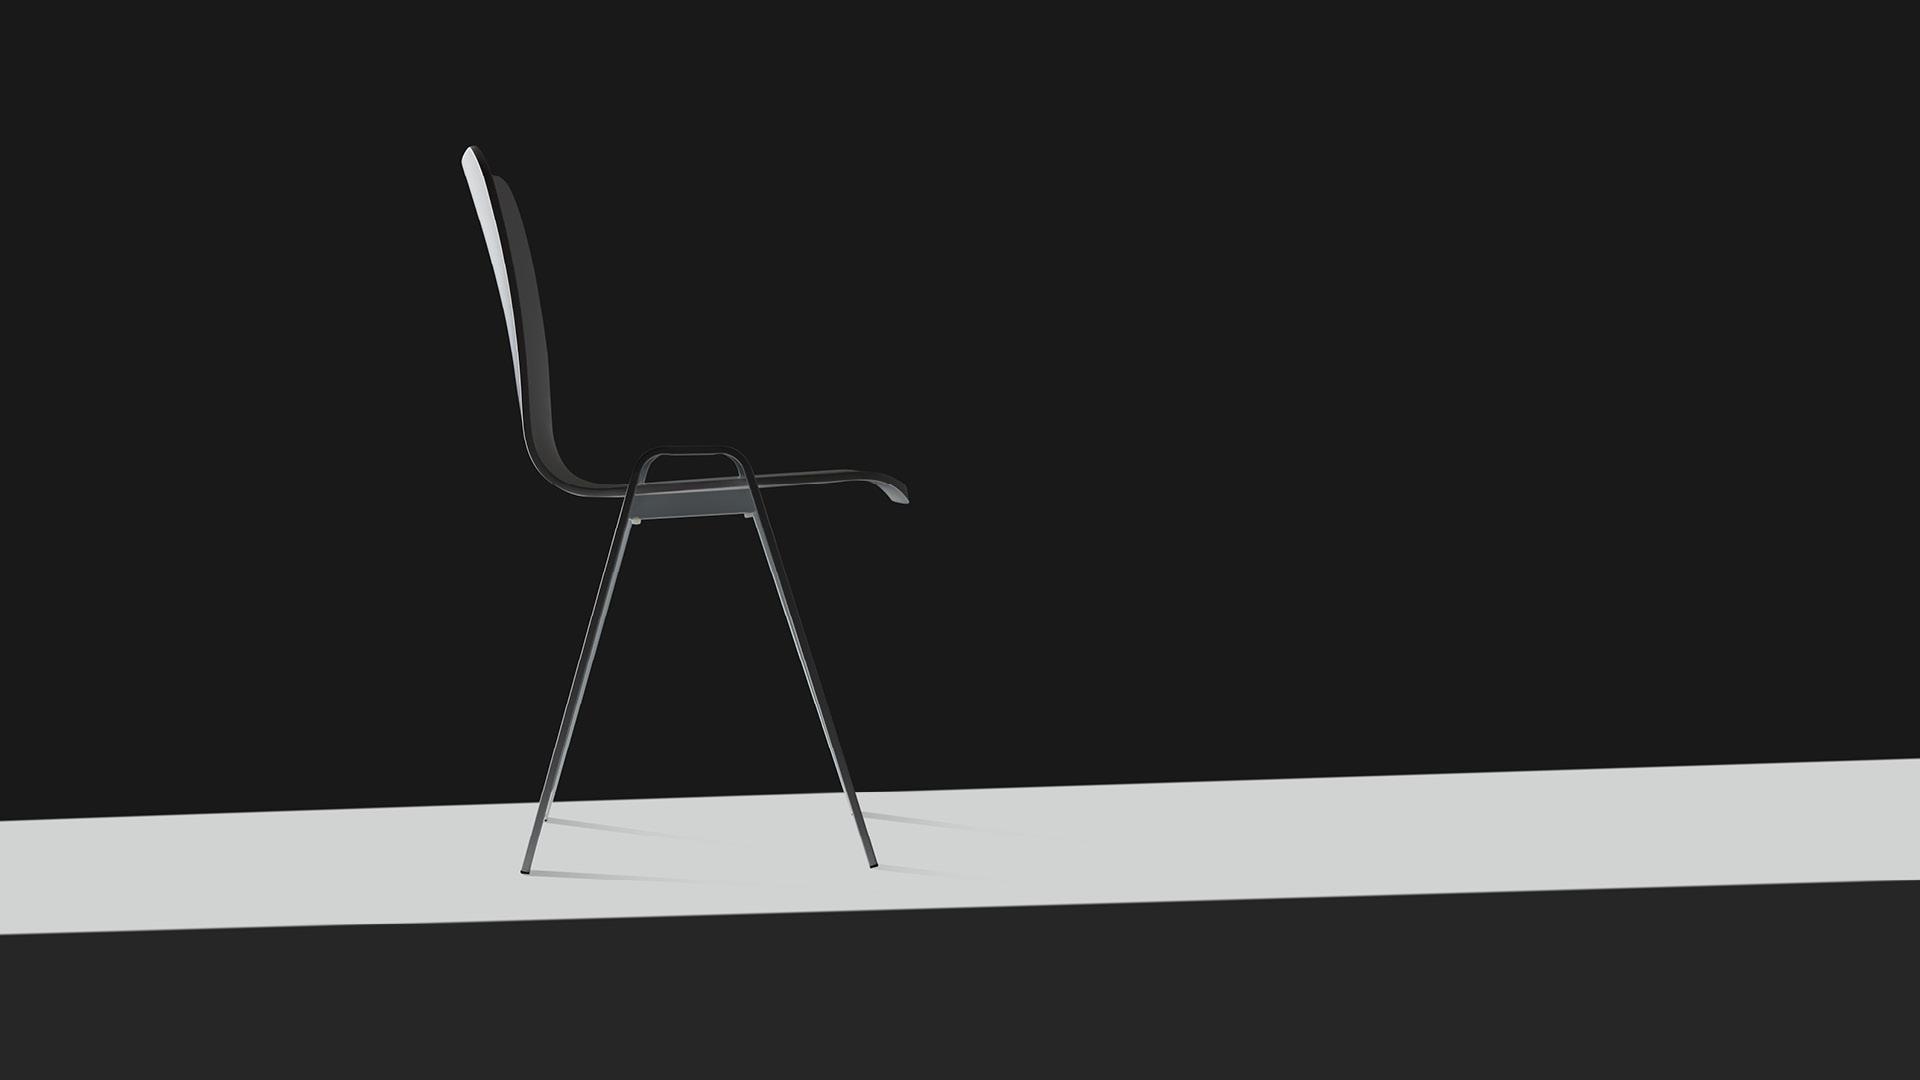 弧面椅背、后低前高的椅座设计,精准考量人体工学,带来L形舒适包裹;A形扶手和椅腿,提供上下双重支撑;两个字母的灵感契合,仿若一束美国西岸的智慧光,照见来自洛城的工业之美。?x-oss-process=image/format,jpg/interlace,1